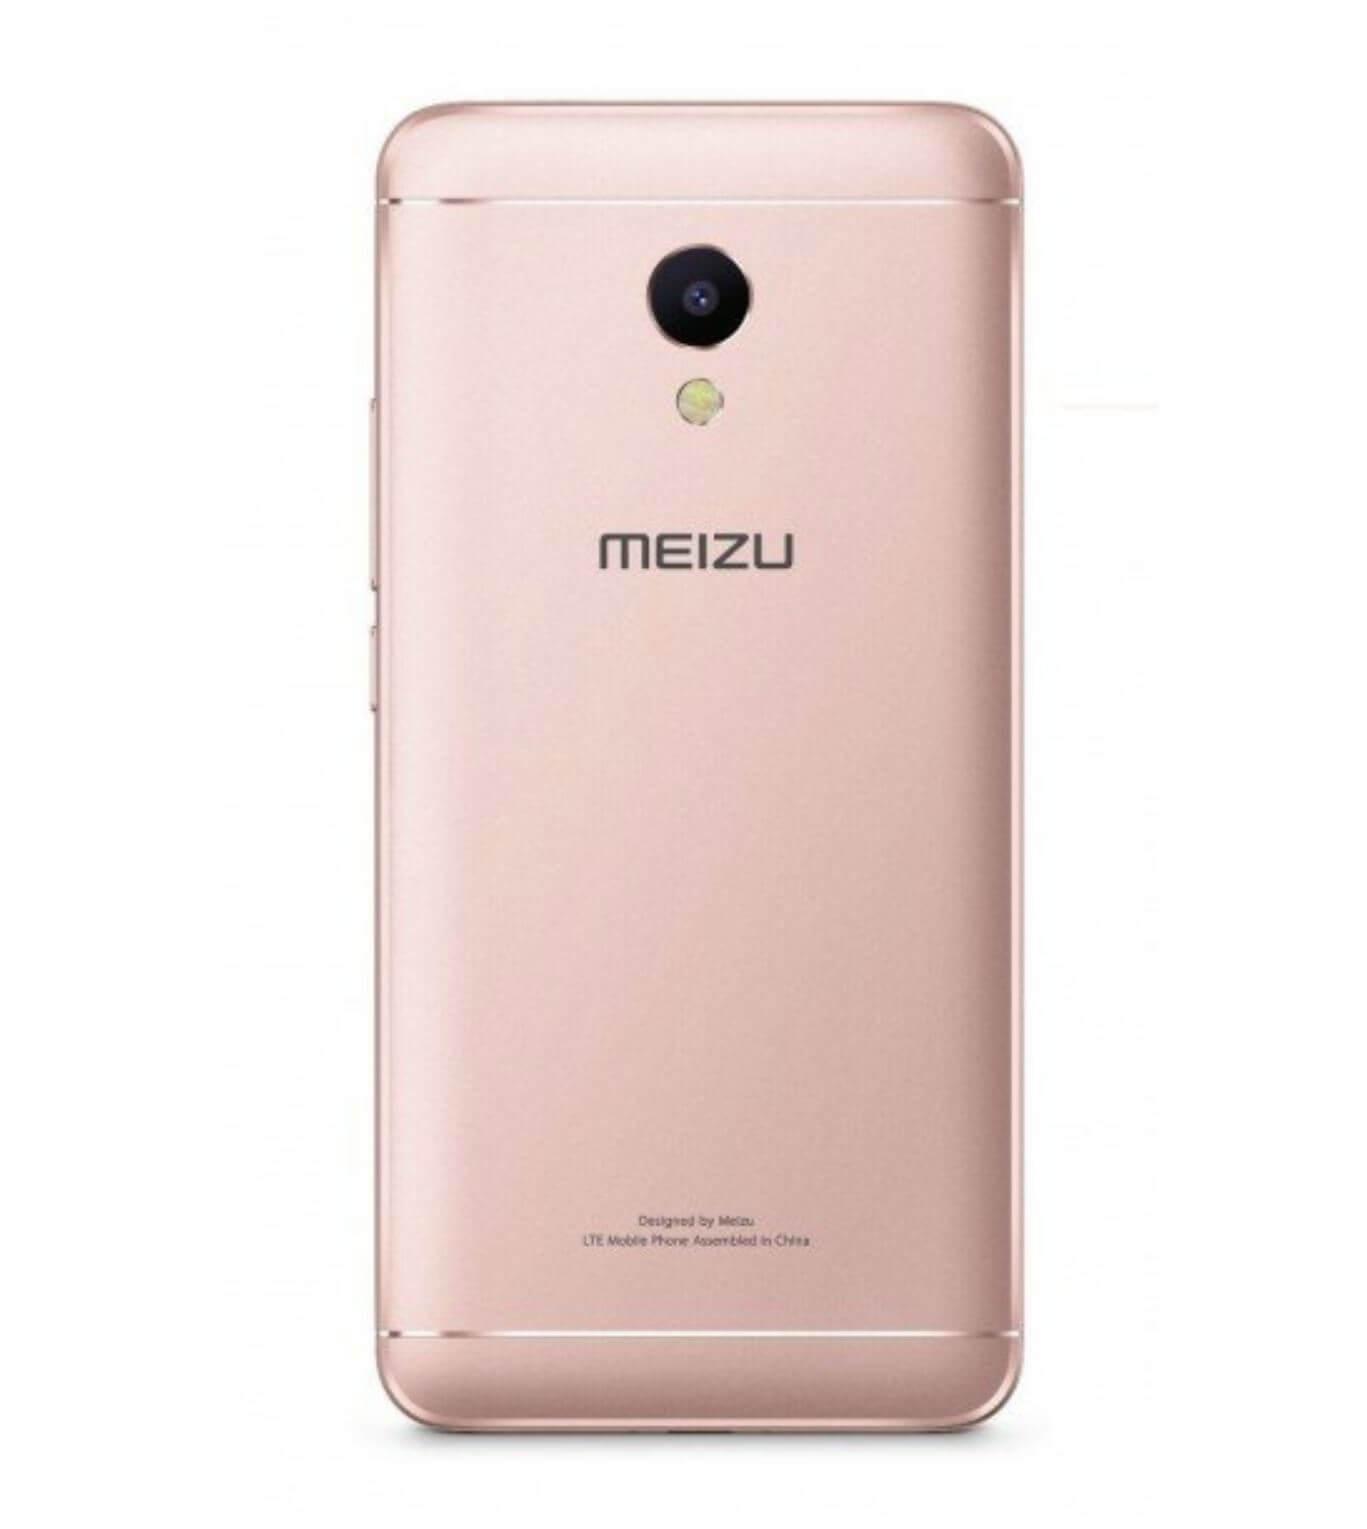 Meizu M5s Fiyatı, Yorumları ve Özellikleri - Cepkolik